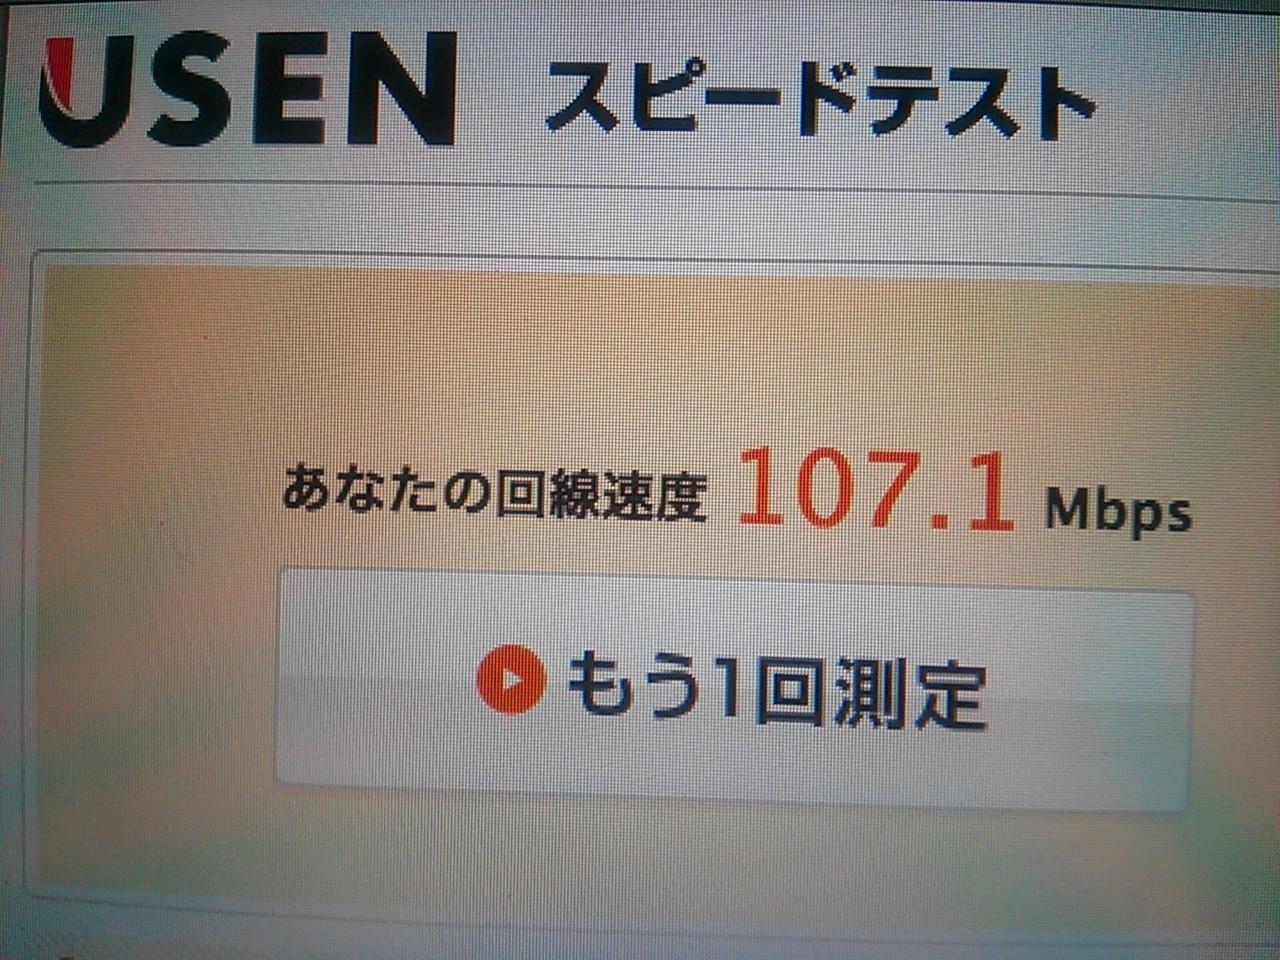 2012-07-14 12.01.28.jpg